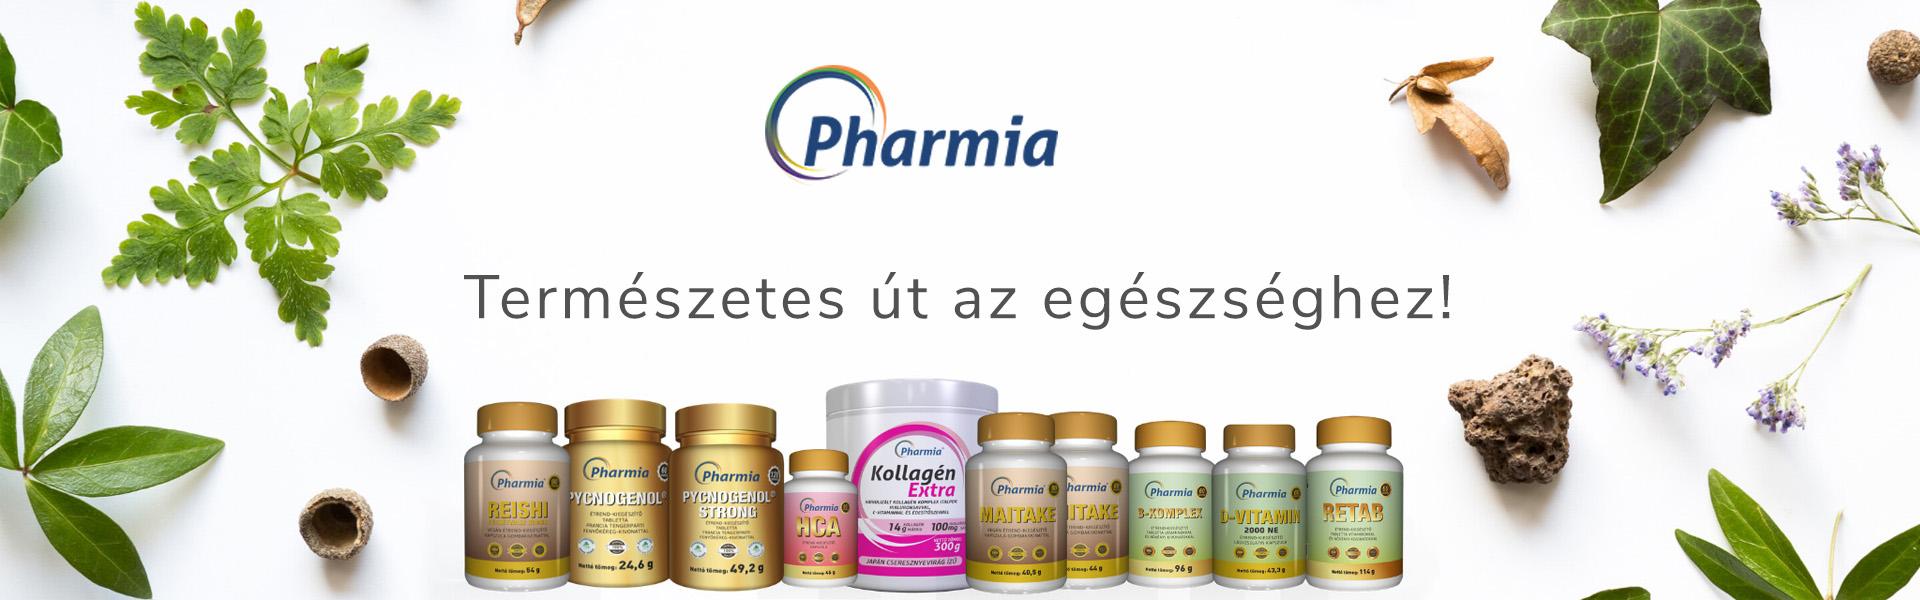 Pharmia - természetes út az egészséghez